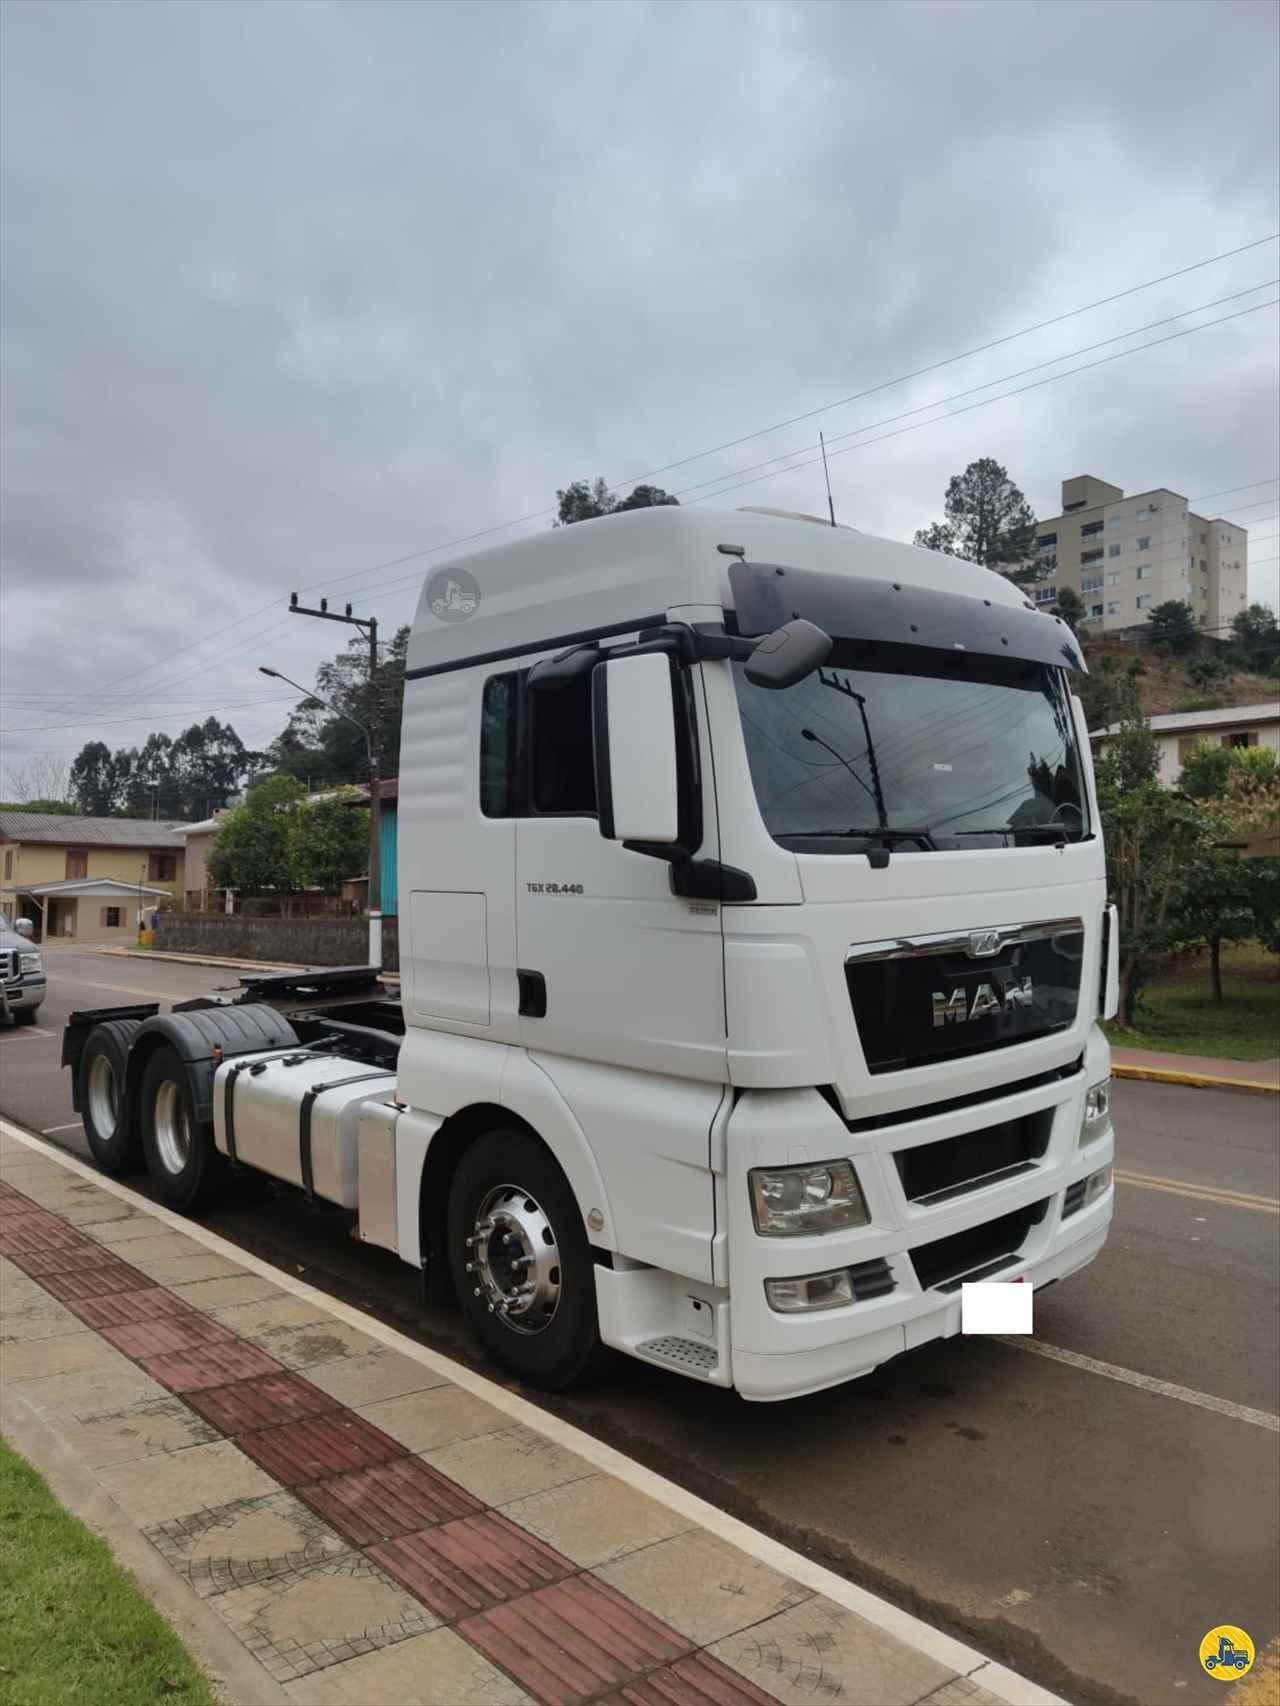 CAMINHAO MAN TGX 28 440 Cavalo Mecânico Truck 6x2 Transmap Caminhões SANTA ROSA RIO GRANDE DO SUL RS